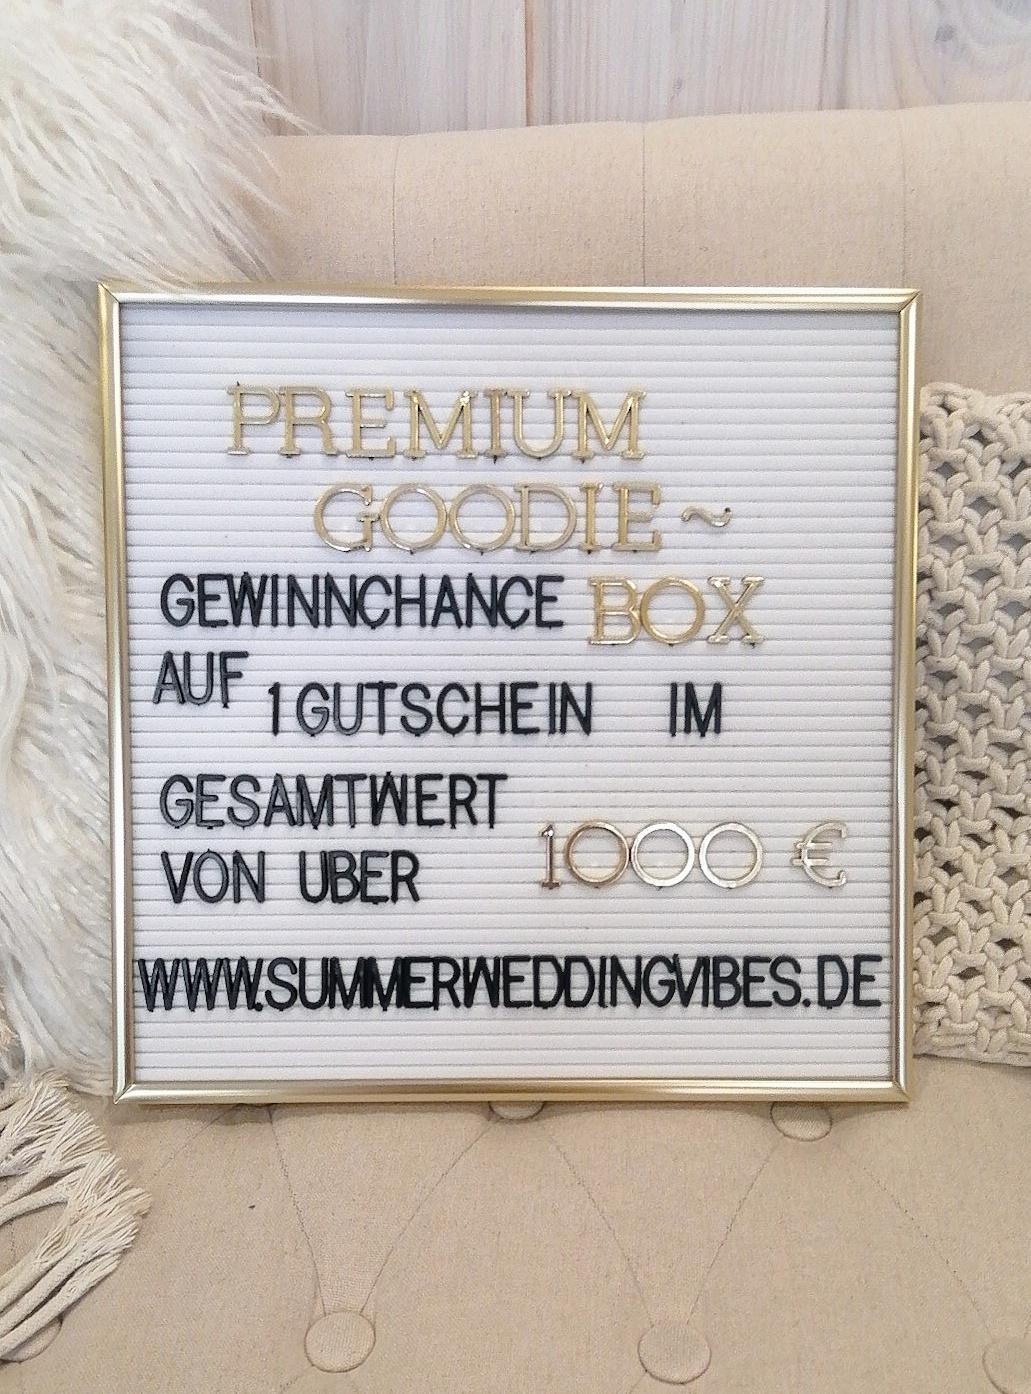 Summer Wedding Vibes Gewinnspiel Premium